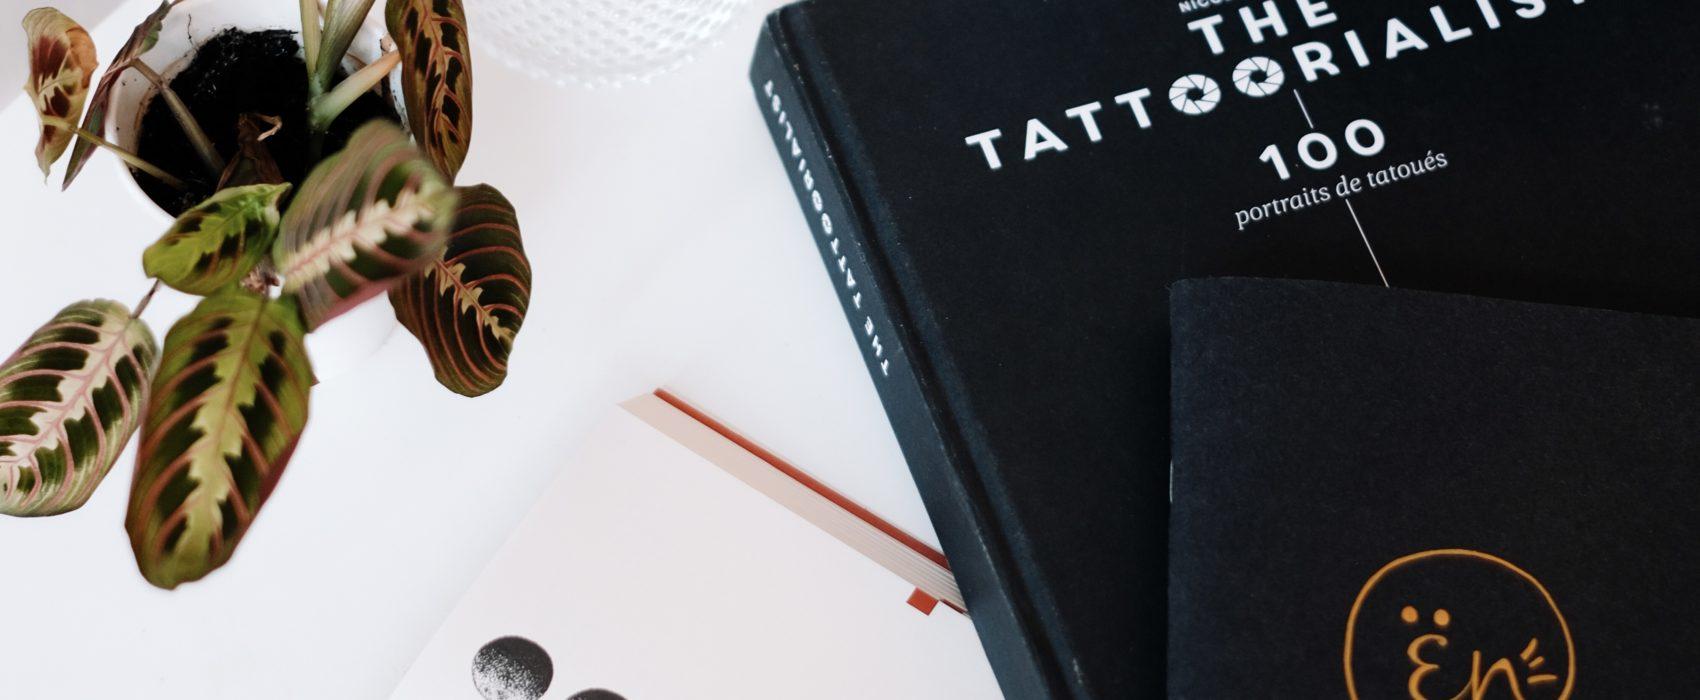 Livres pour les tatouages